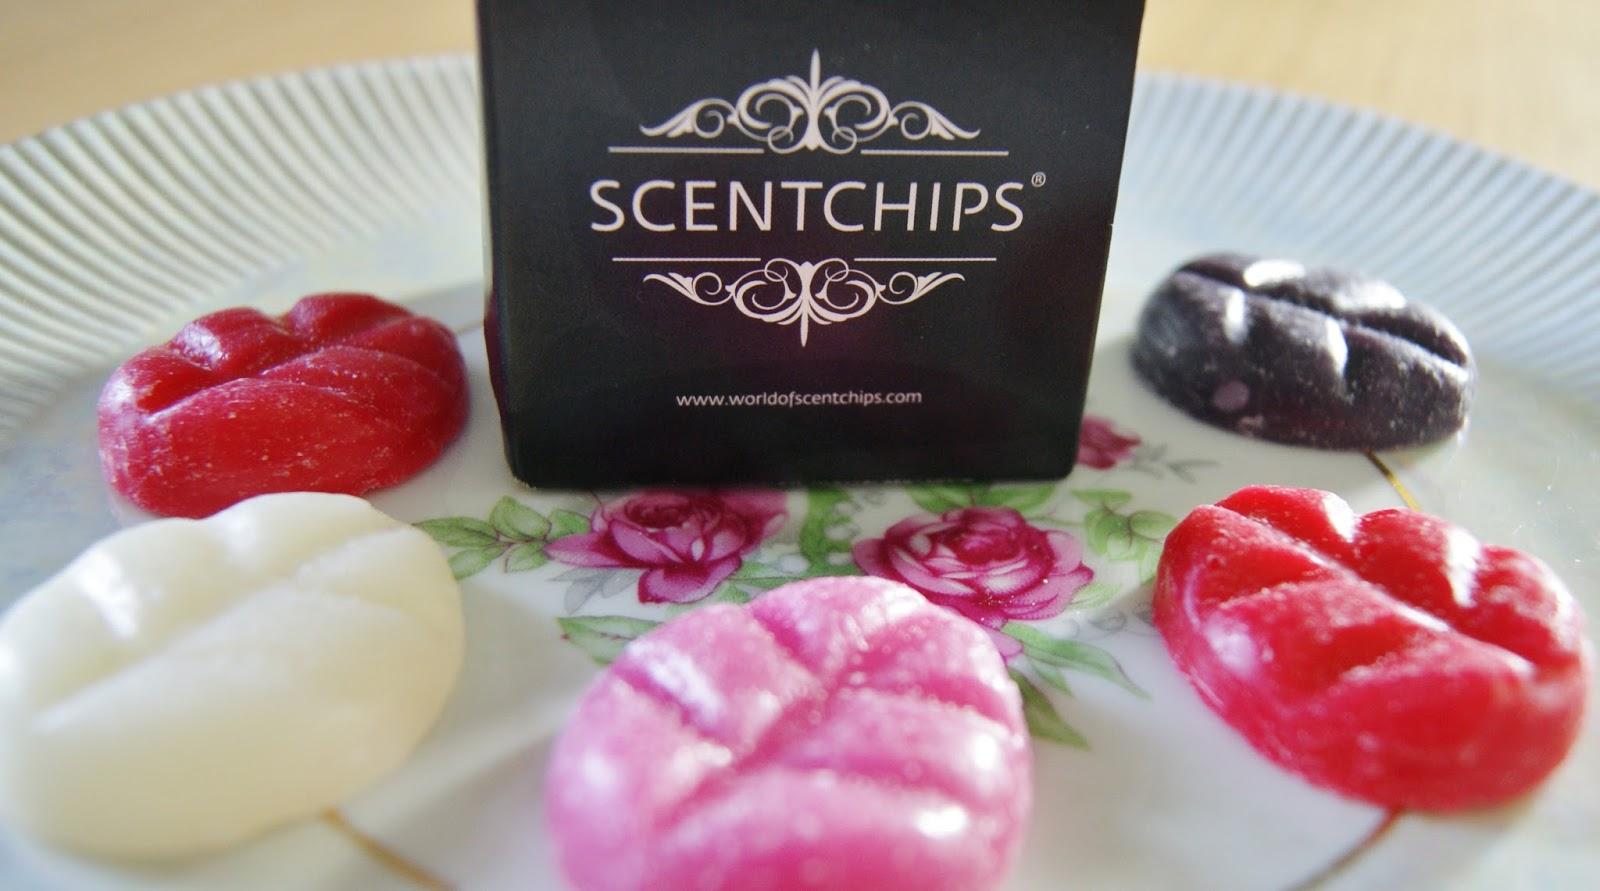 Scentchips Wax Melts